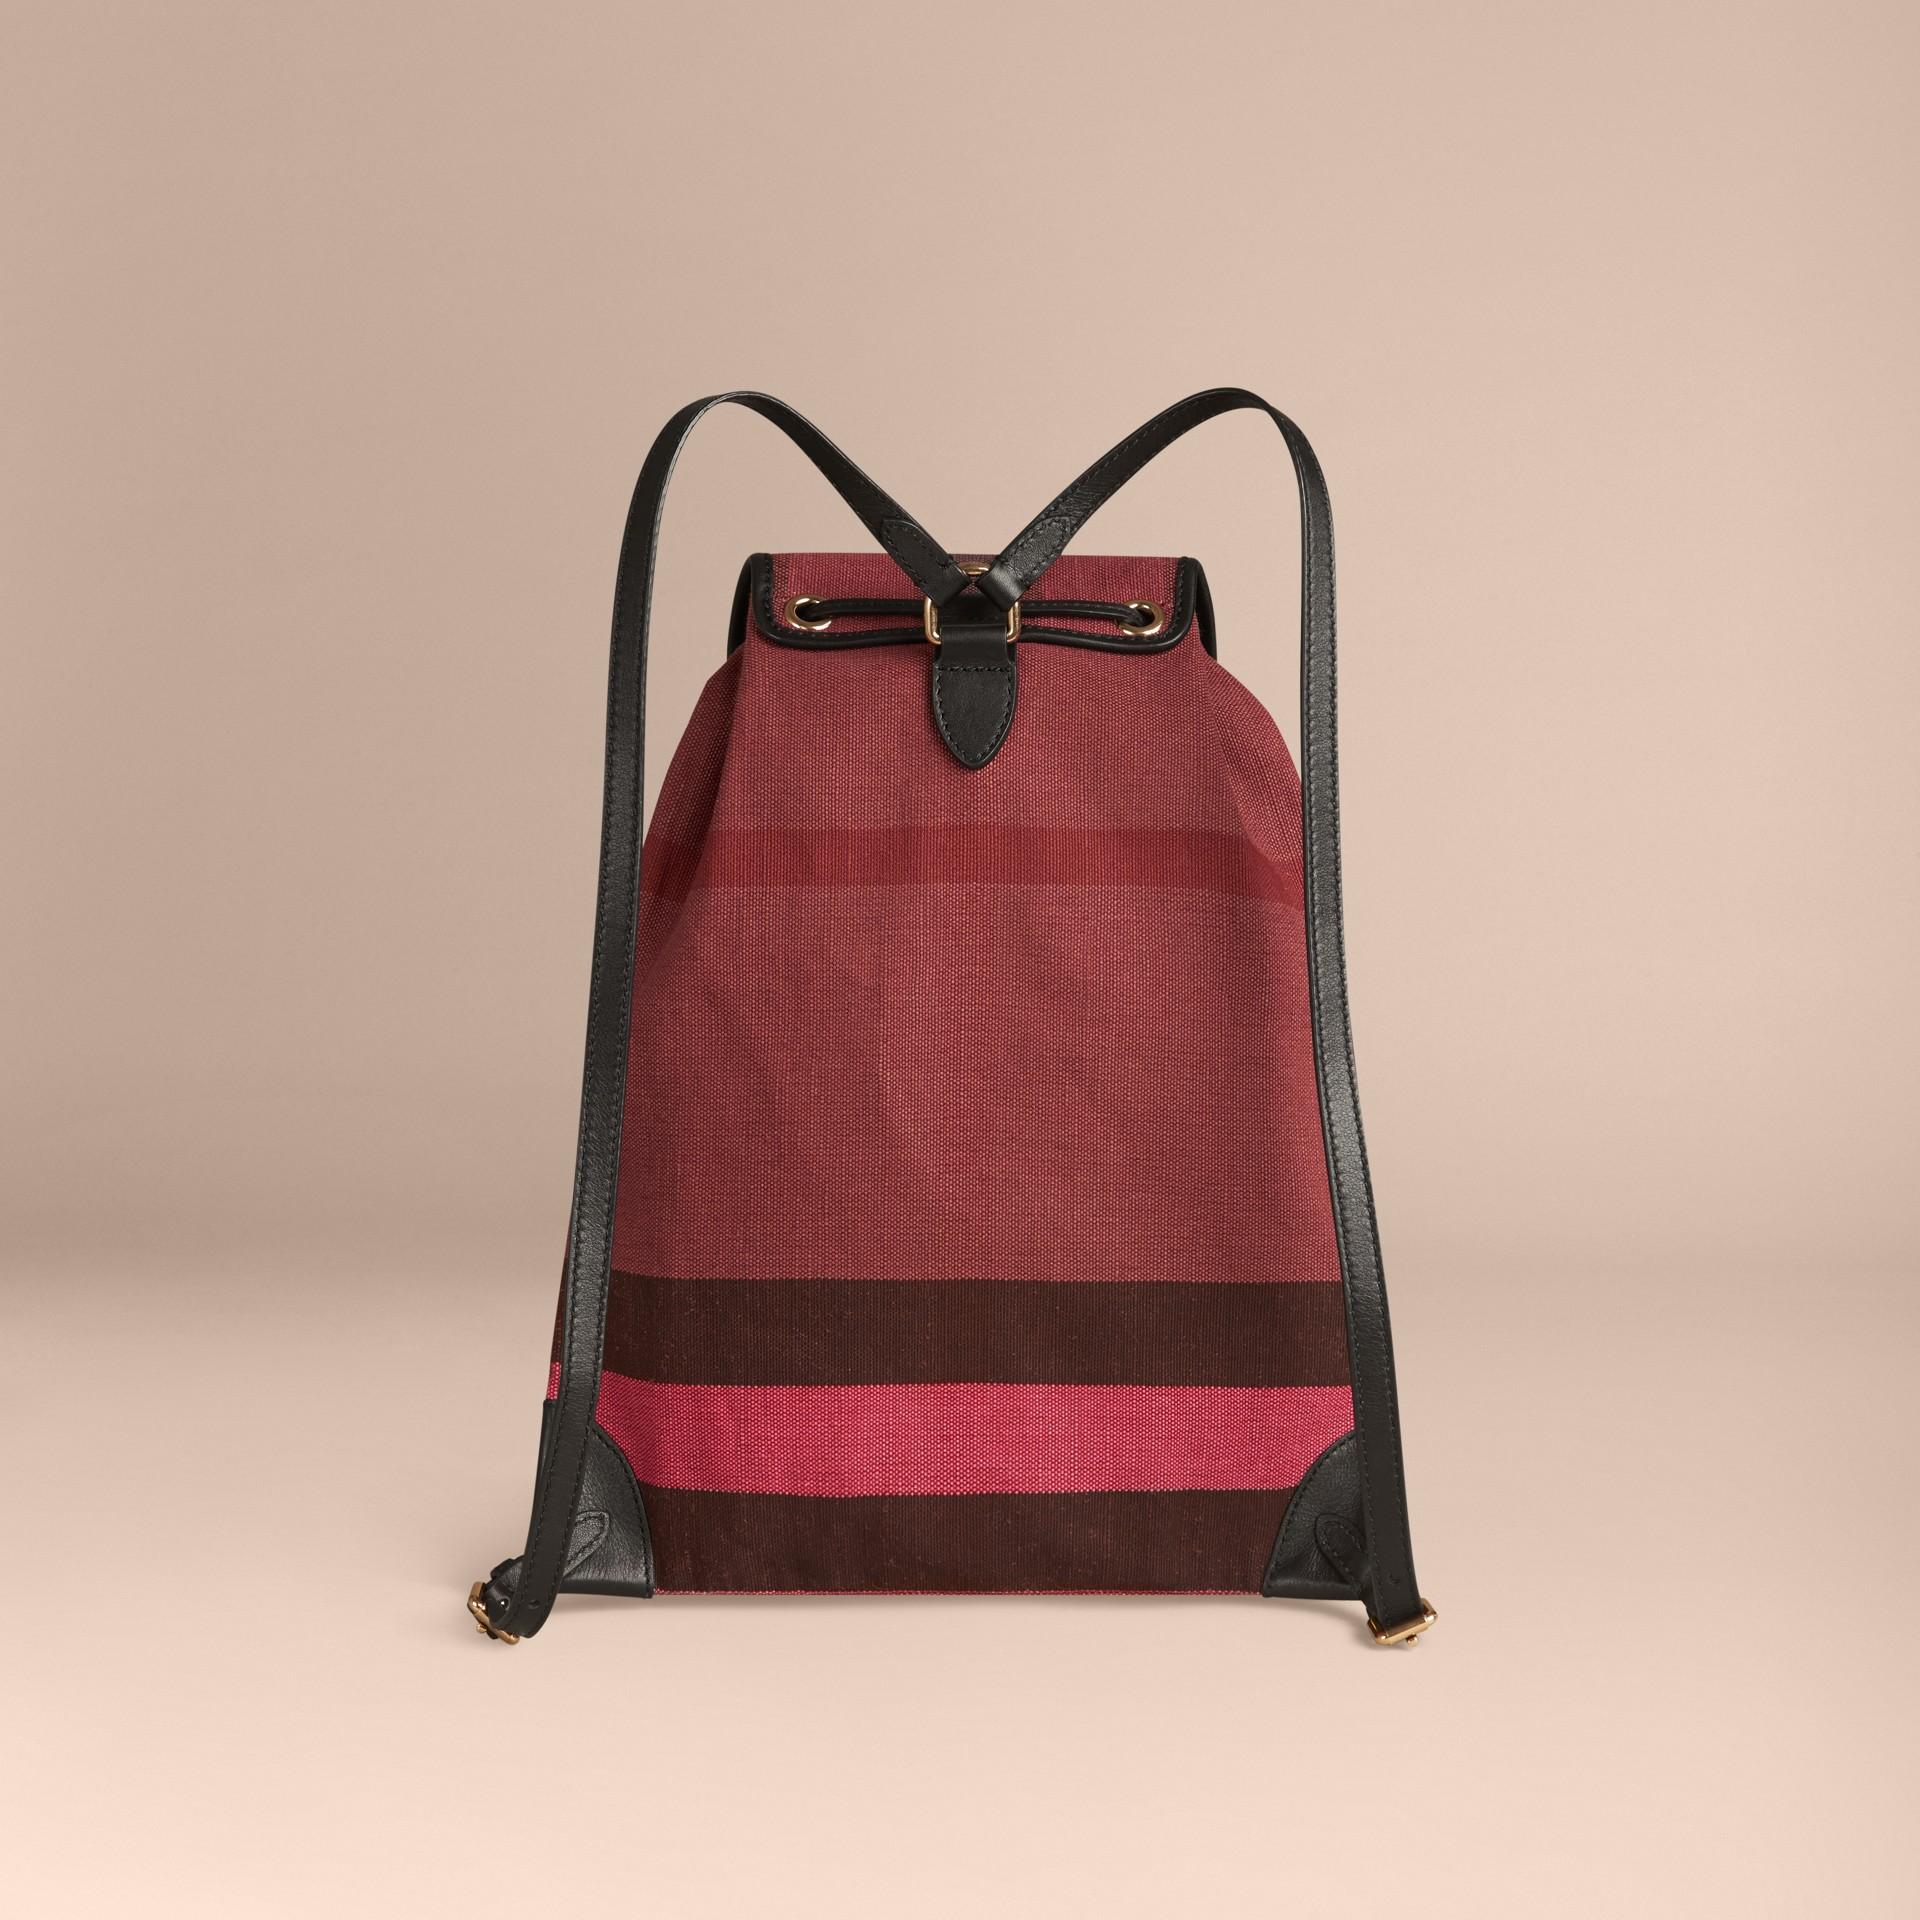 Pflaumenfarben Rucksack mit überfärbtem Canvas Check-Muster Pflaumenfarben - Galerie-Bild 2